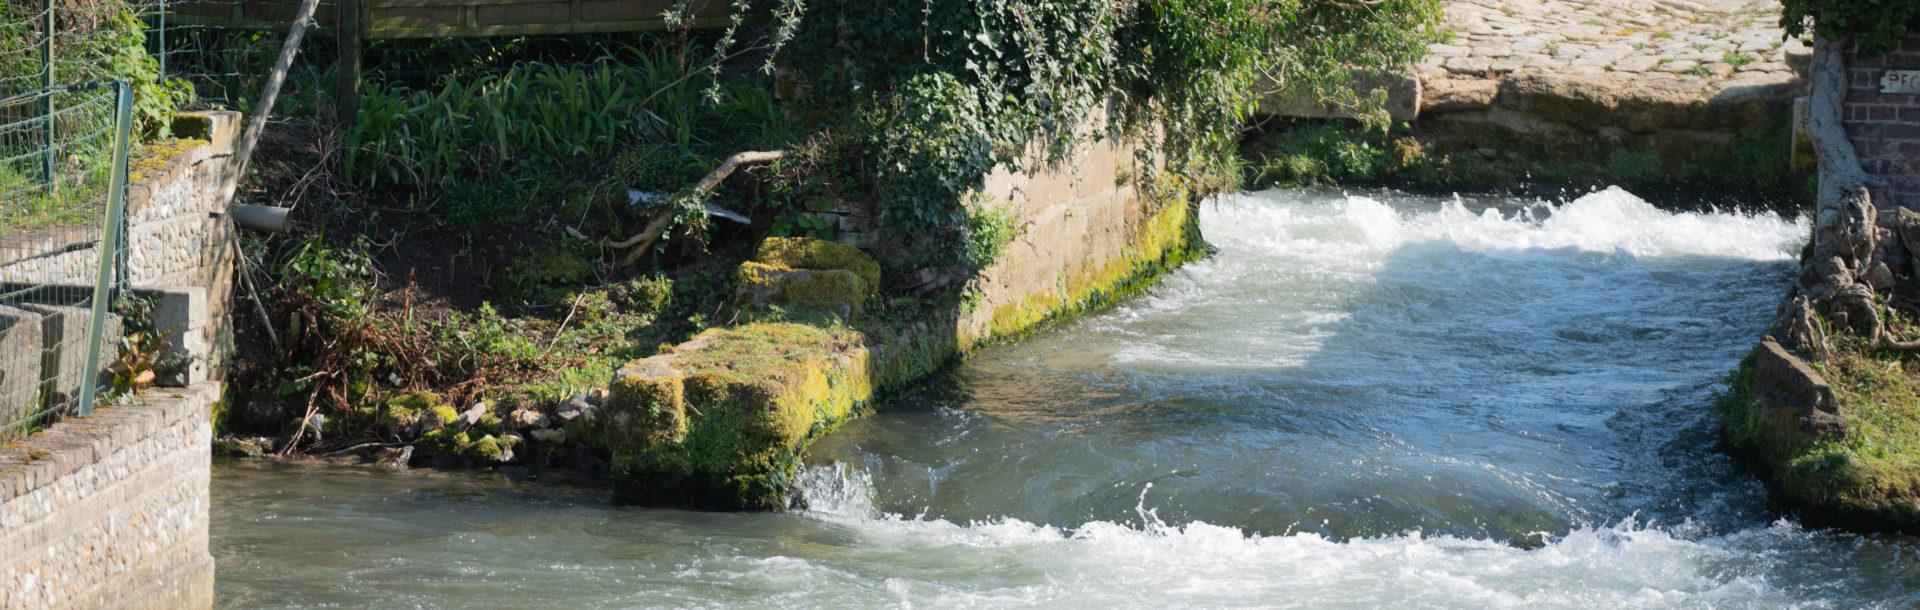 Fragmentation des cours d'eau de Normandie